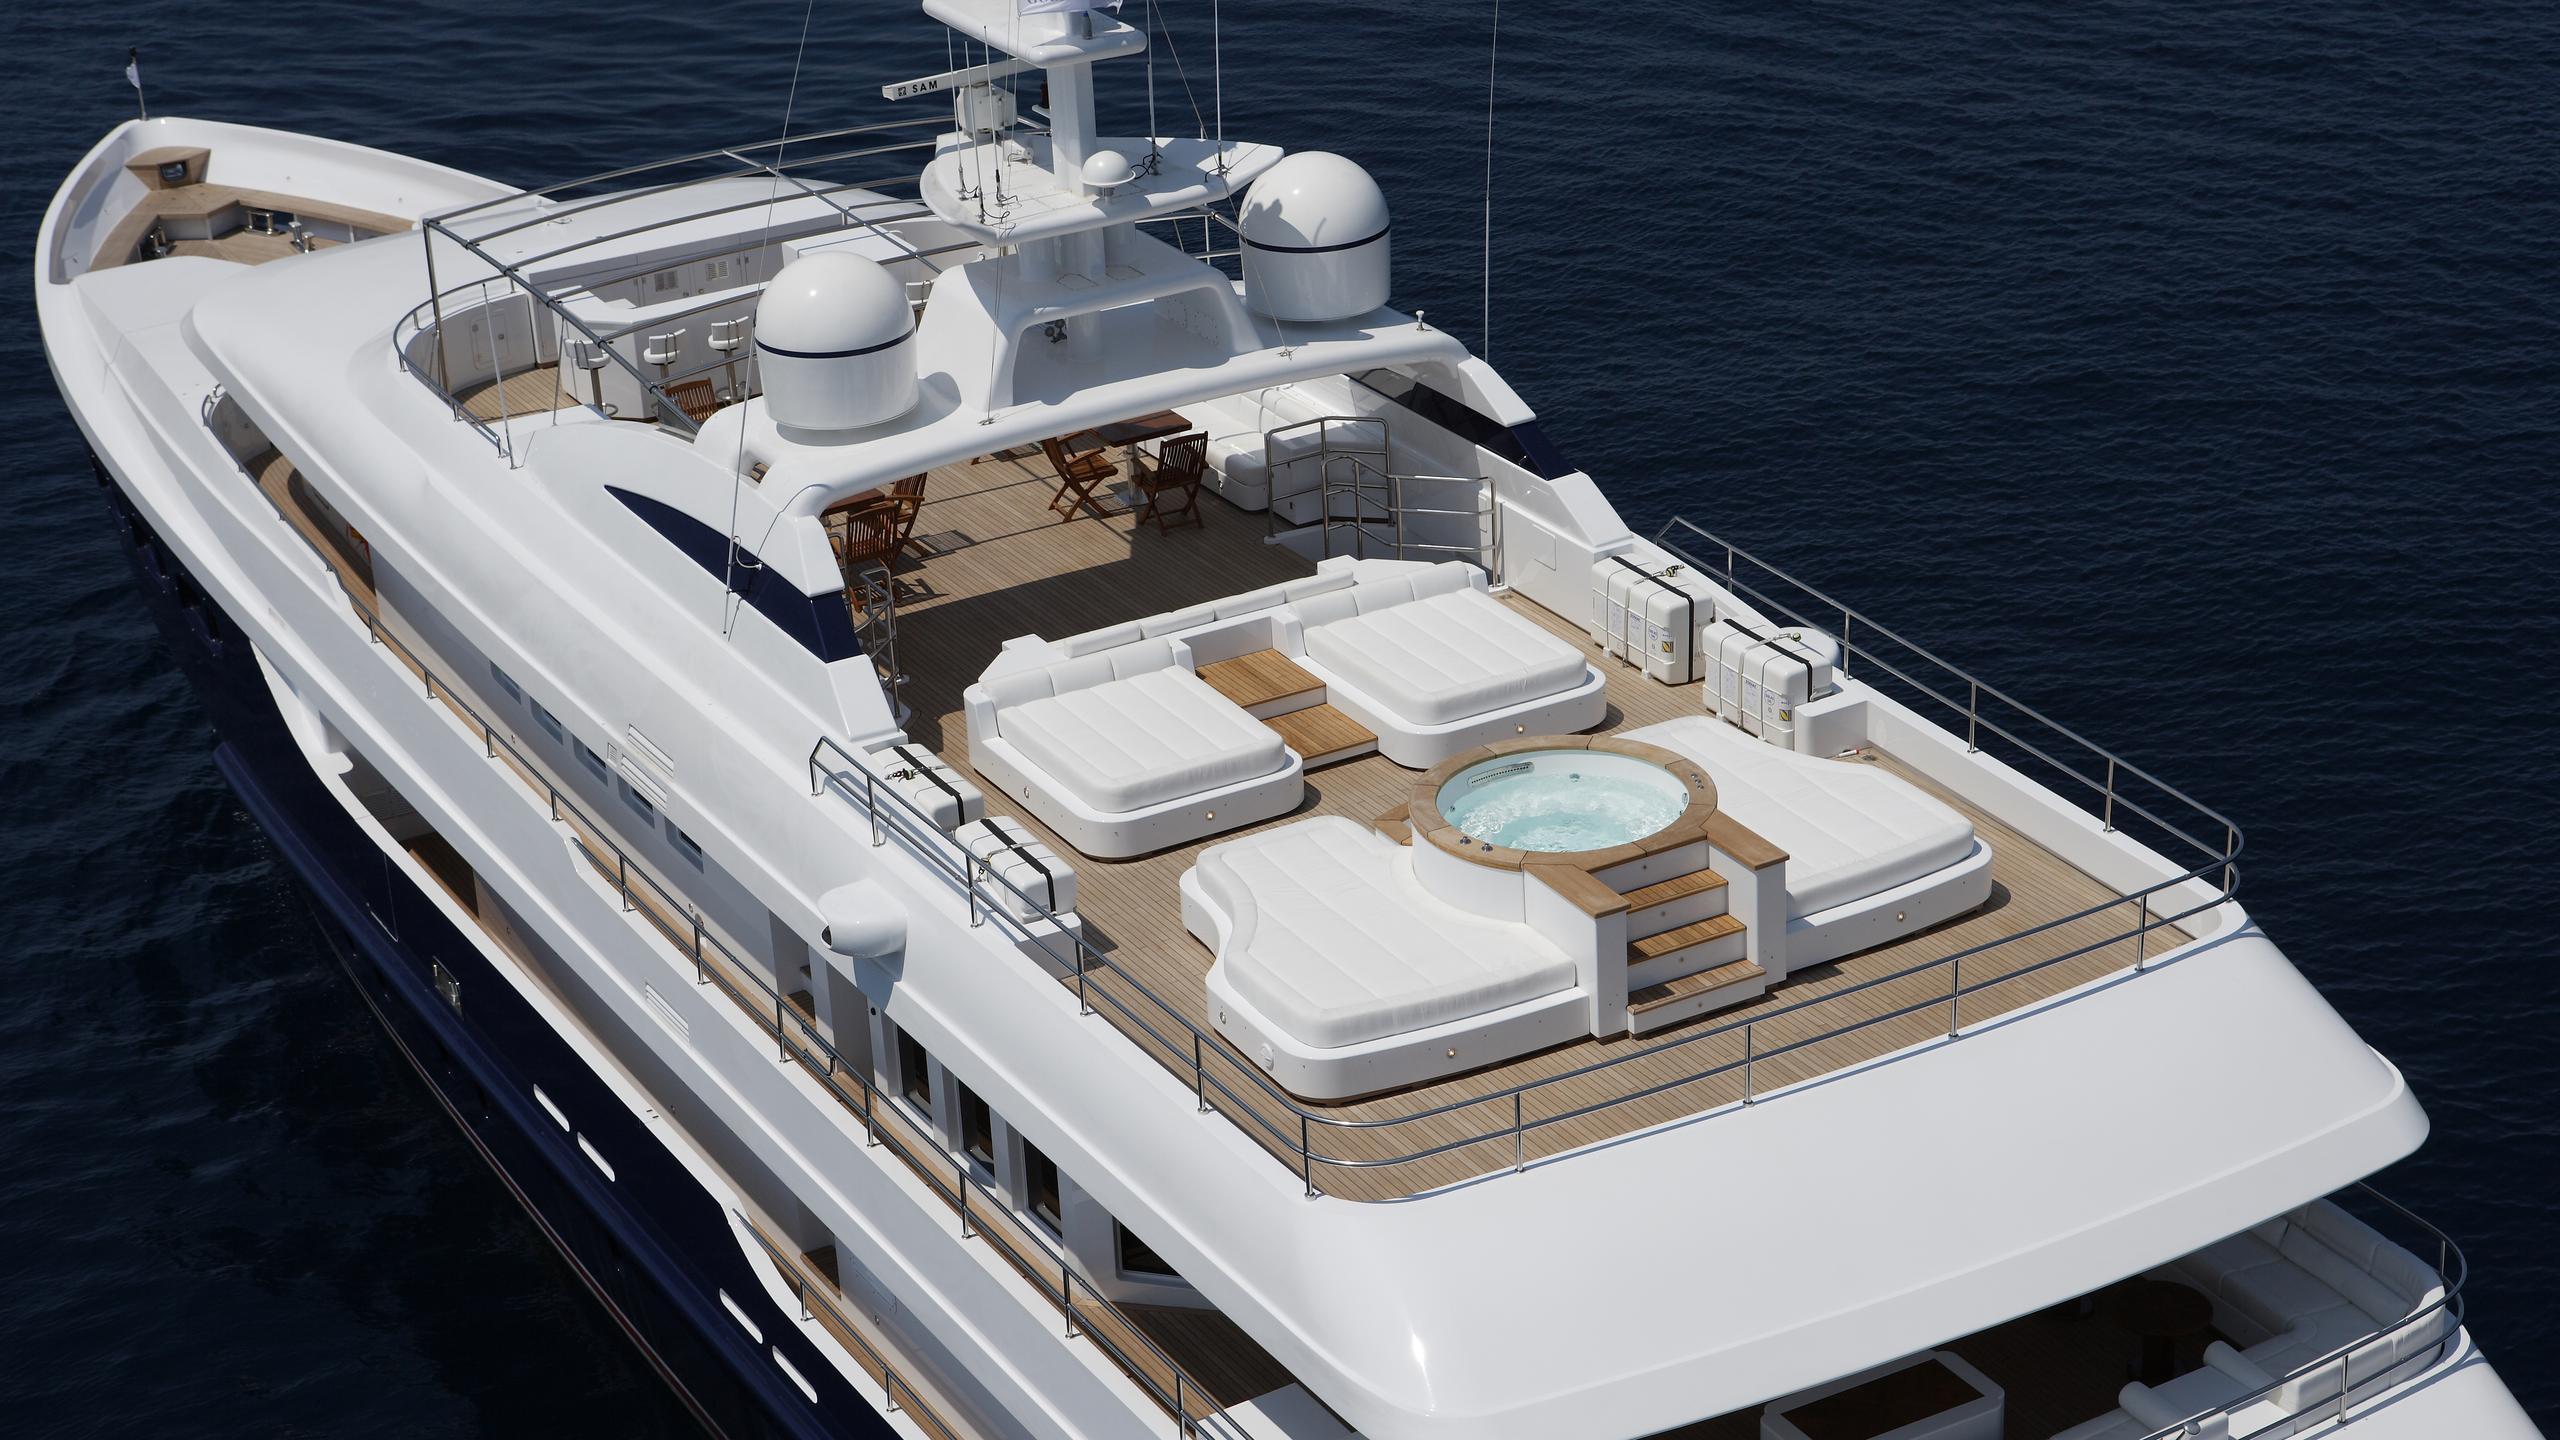 oceanos-yacht-sun-deck-aerial